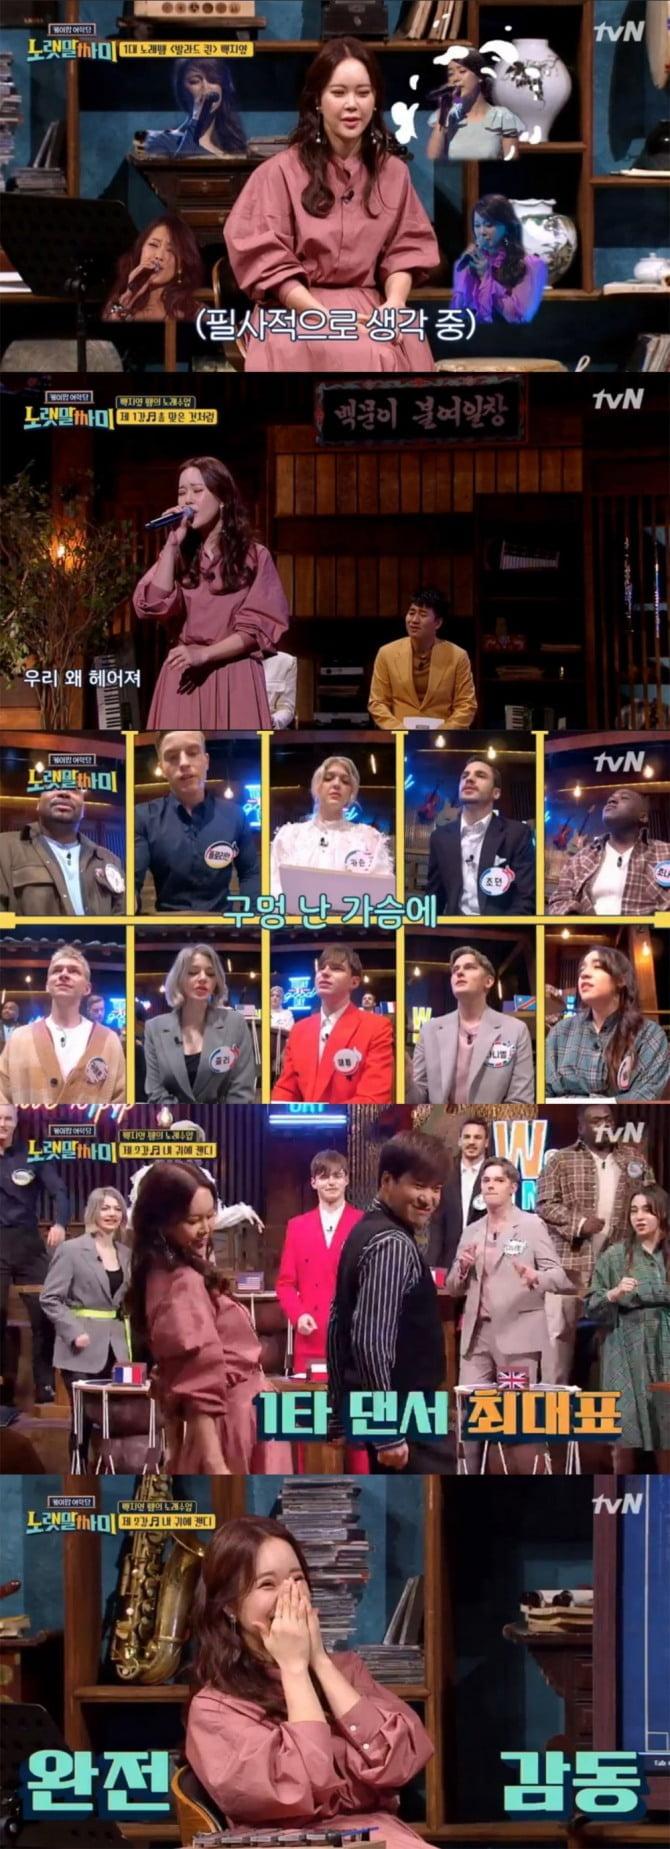 백지영, 가창력-춤 DNA 뽐내며 tvN '노랫말싸미' 접수